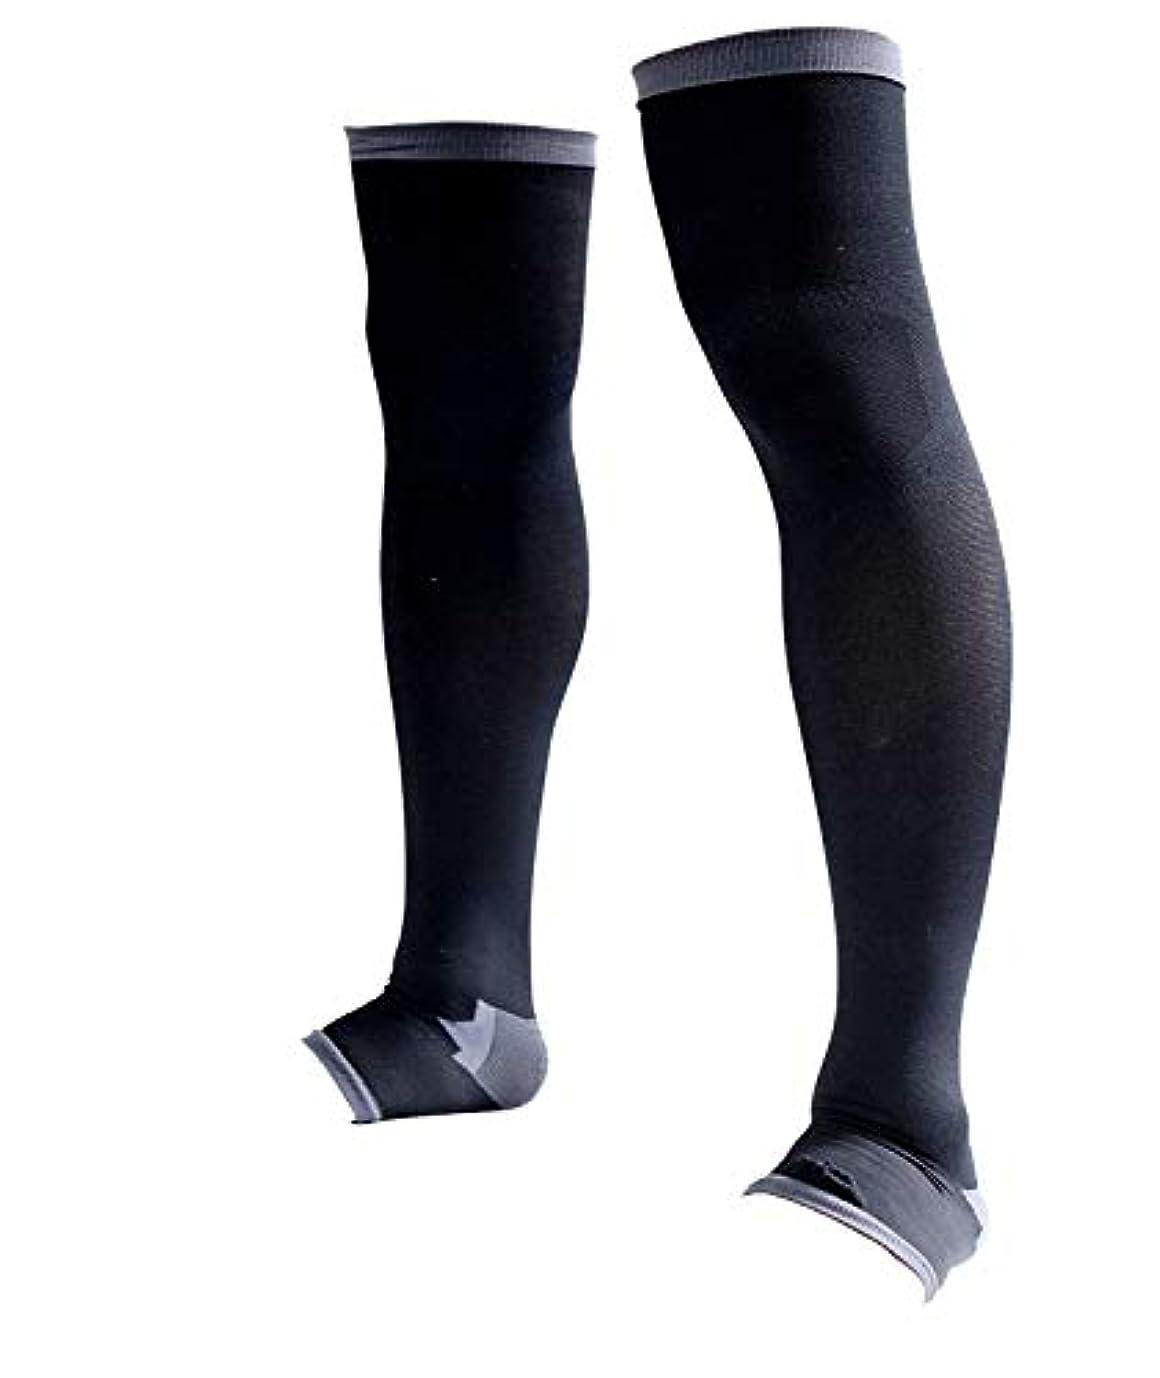 絶えず大混乱定期的に男性専用脚すっきり対策オープントゥ着圧ソックス 膝上 L-LL 順天堂大学客員教授推奨